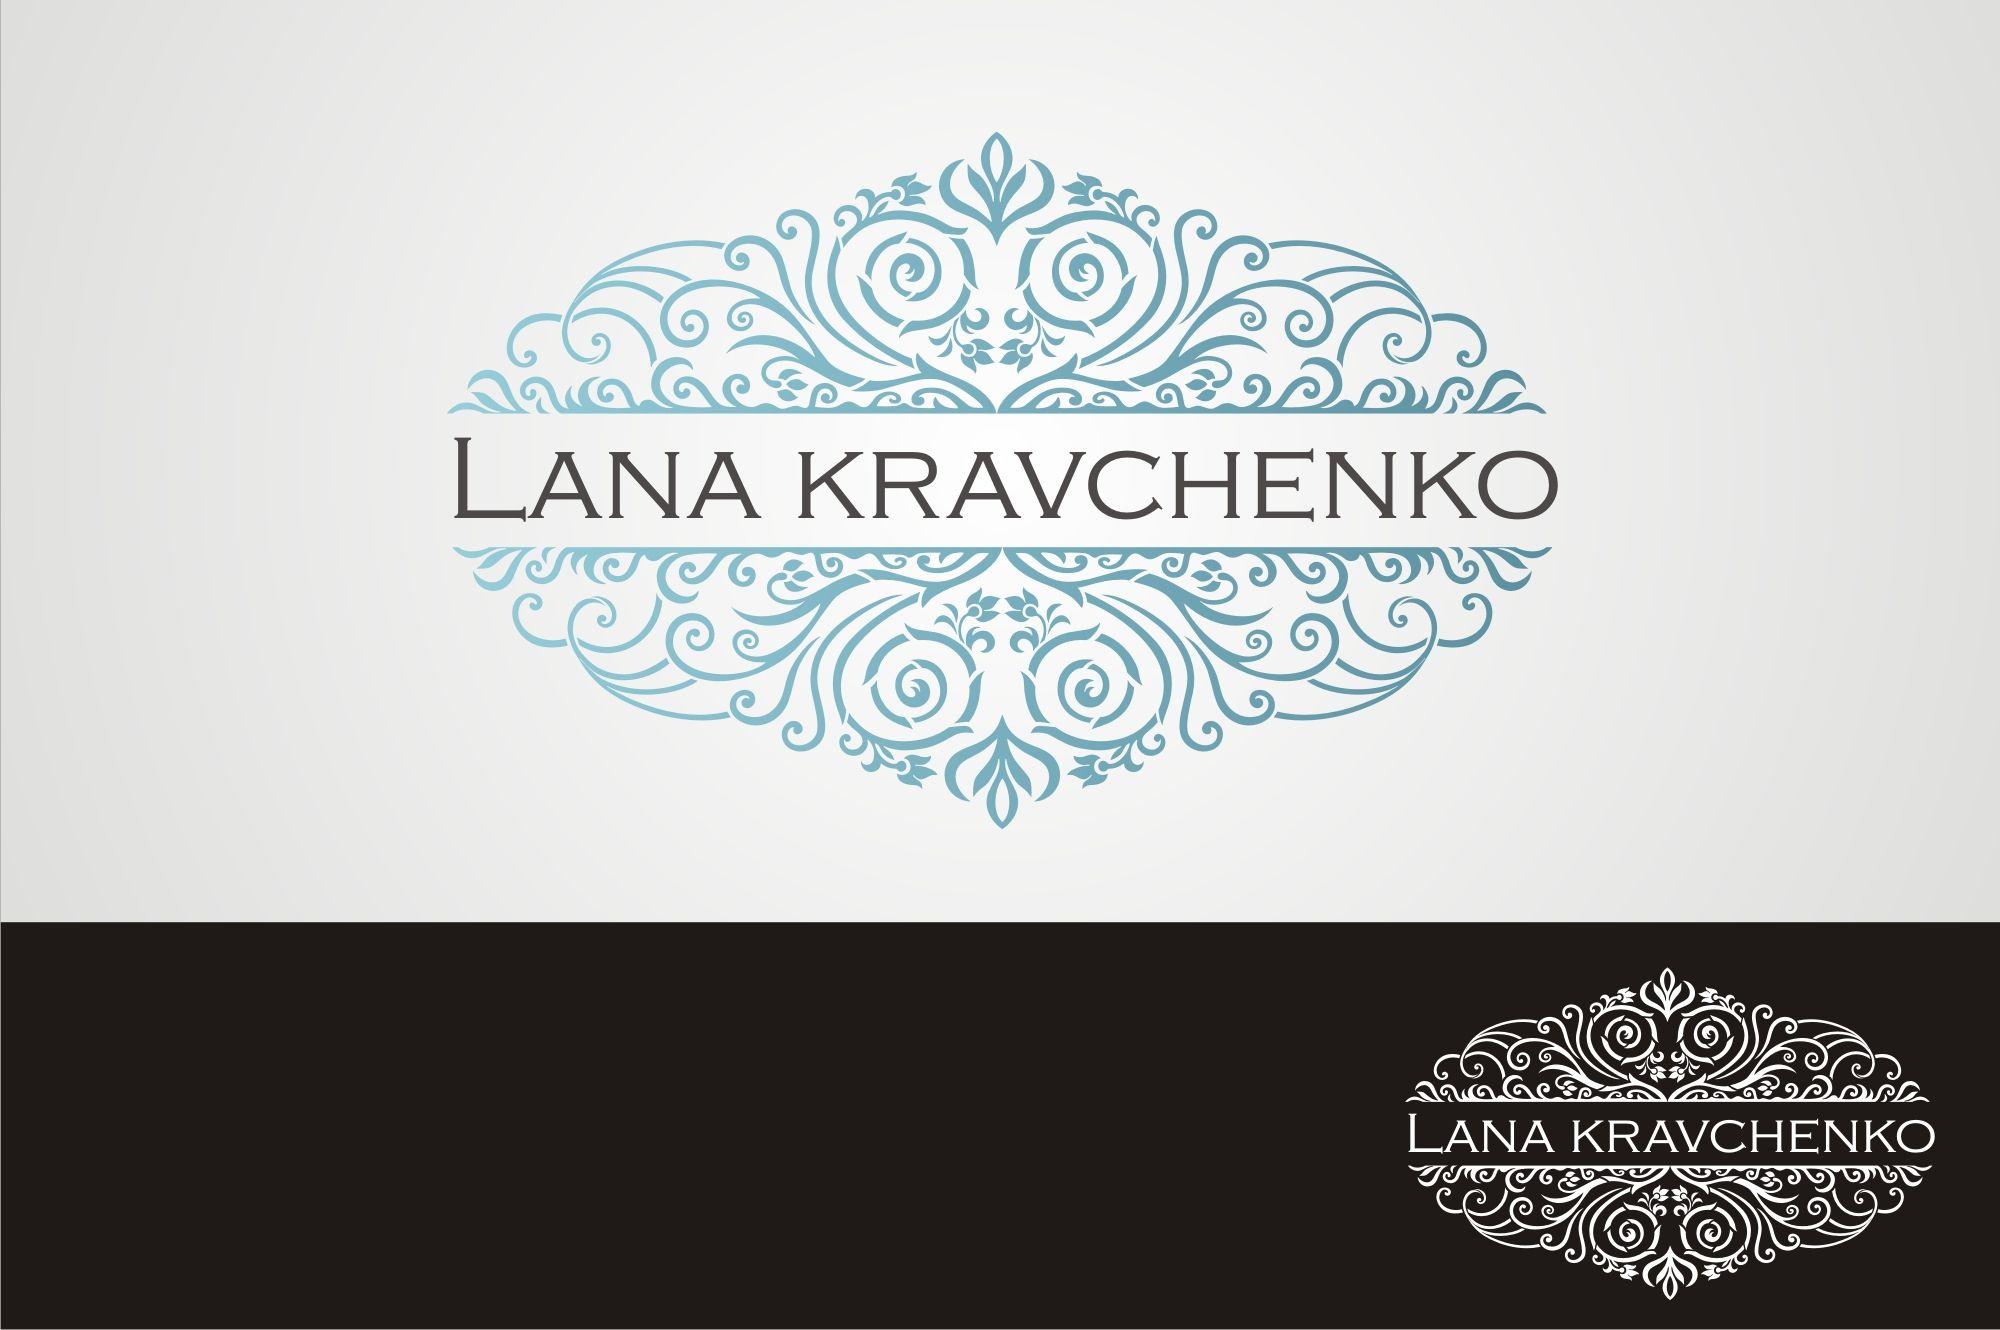 Логотипа и фир. стиля для дизайнера одежды - дизайнер Natalie_Santer